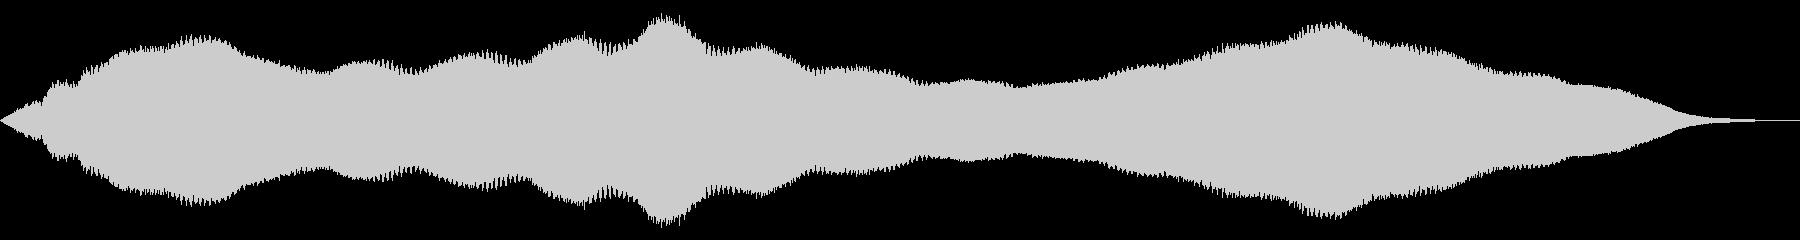 宇宙のドローンエーテルプラネットス...の未再生の波形